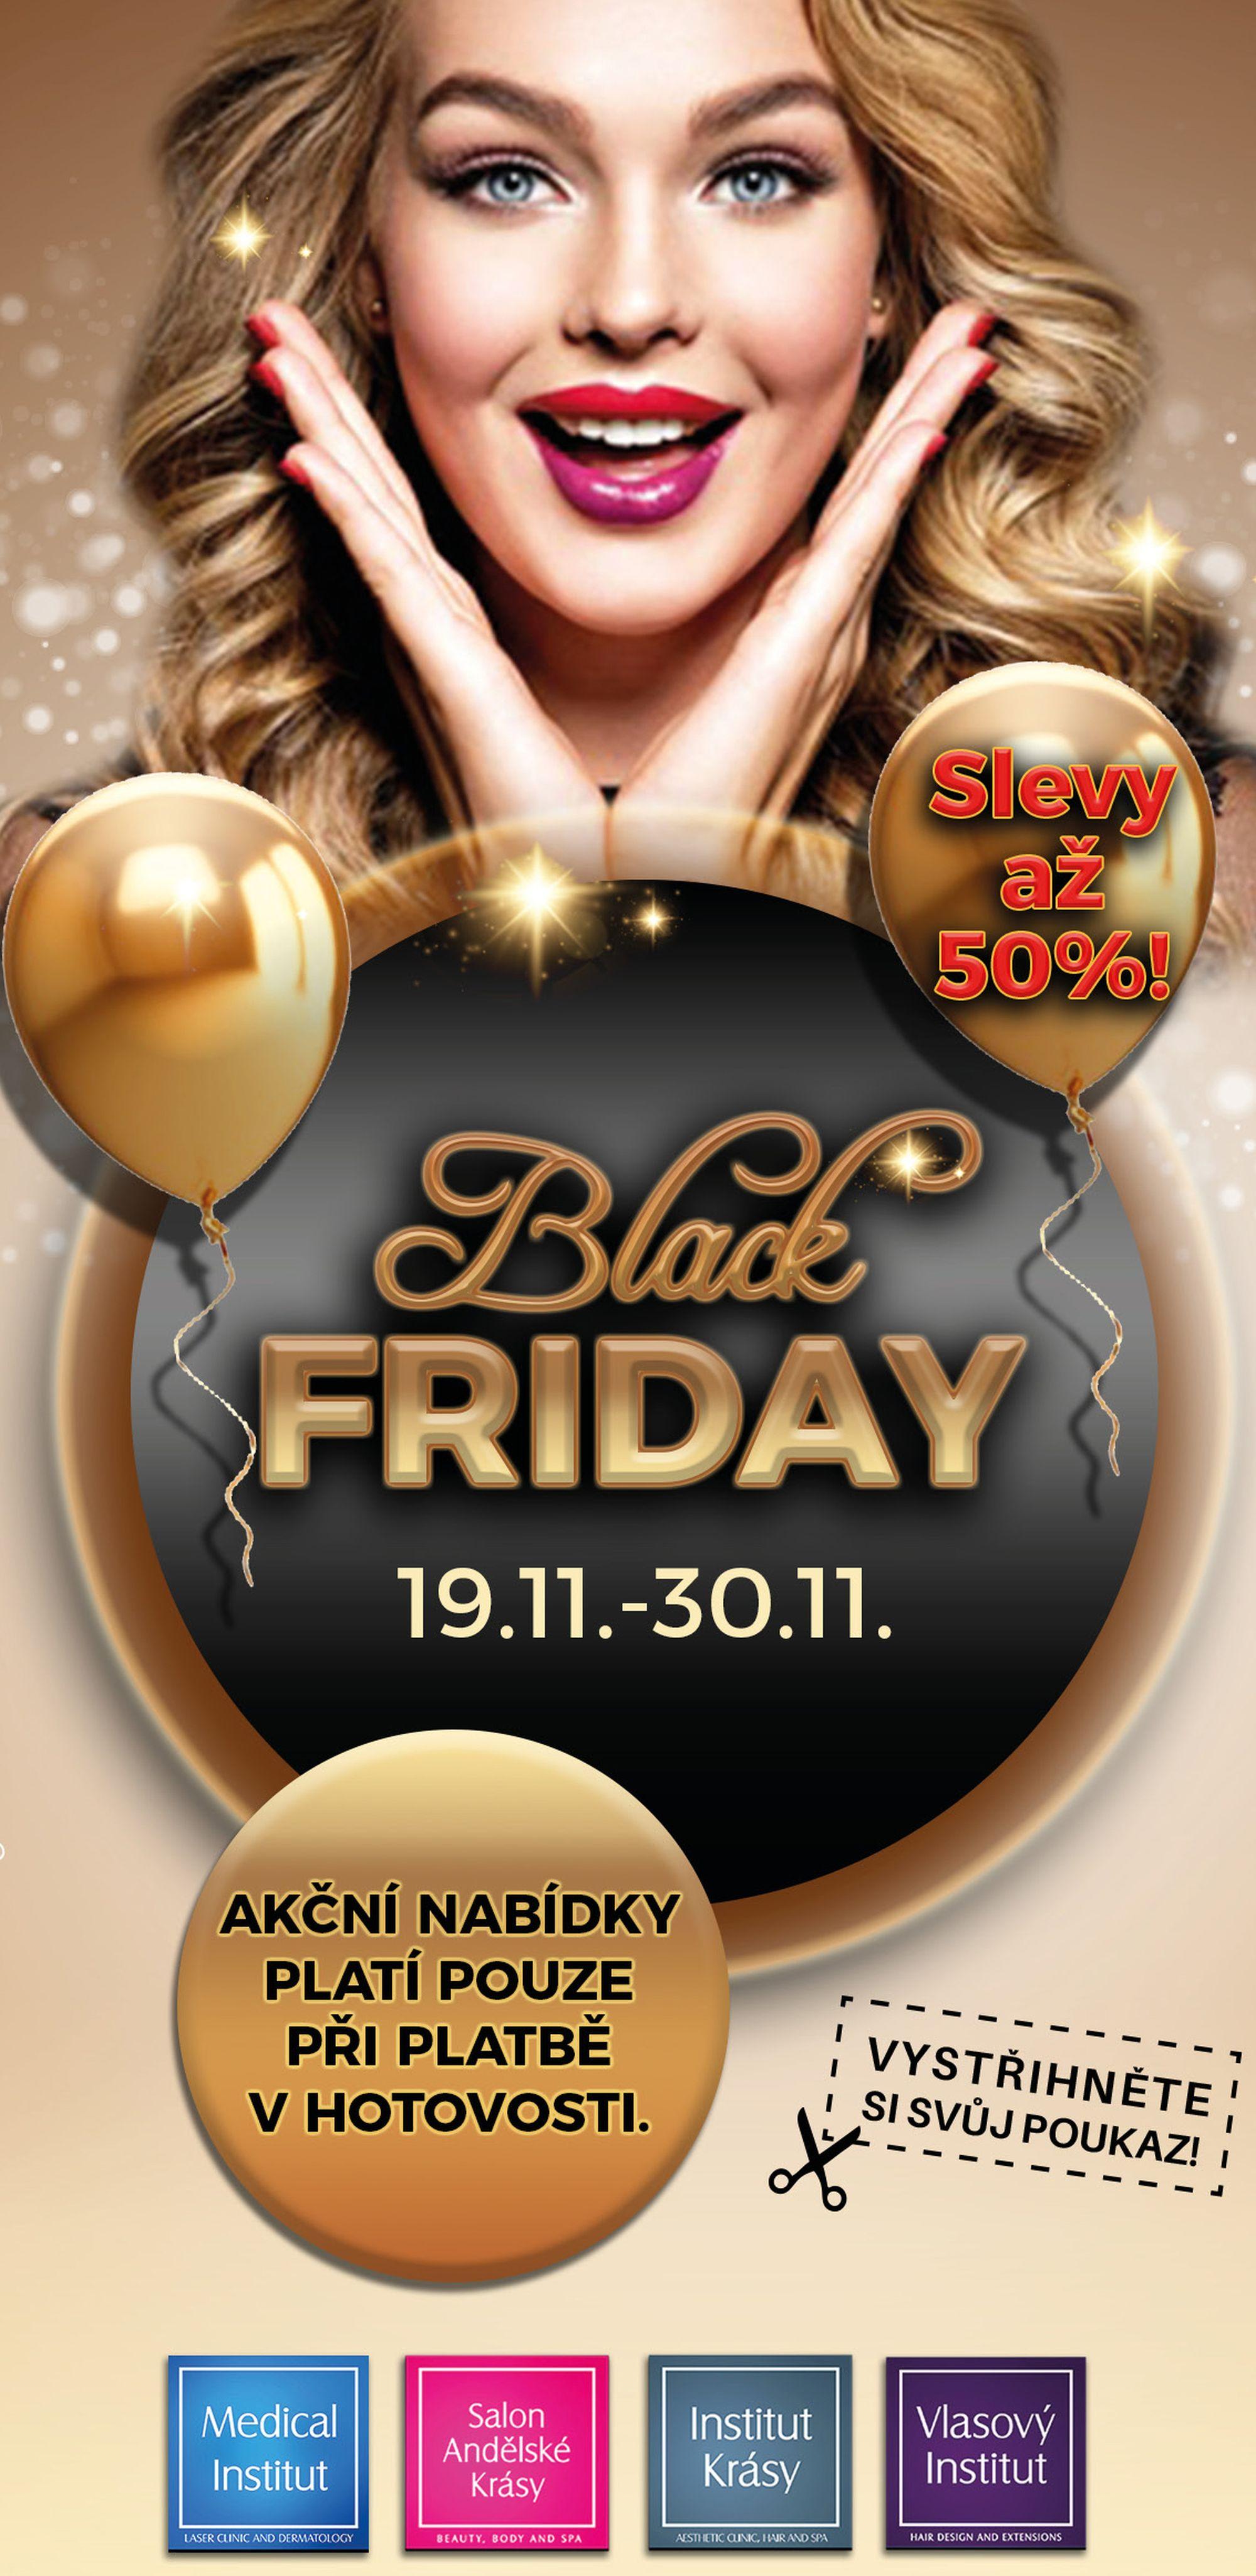 Black Friday Plzeň 2018